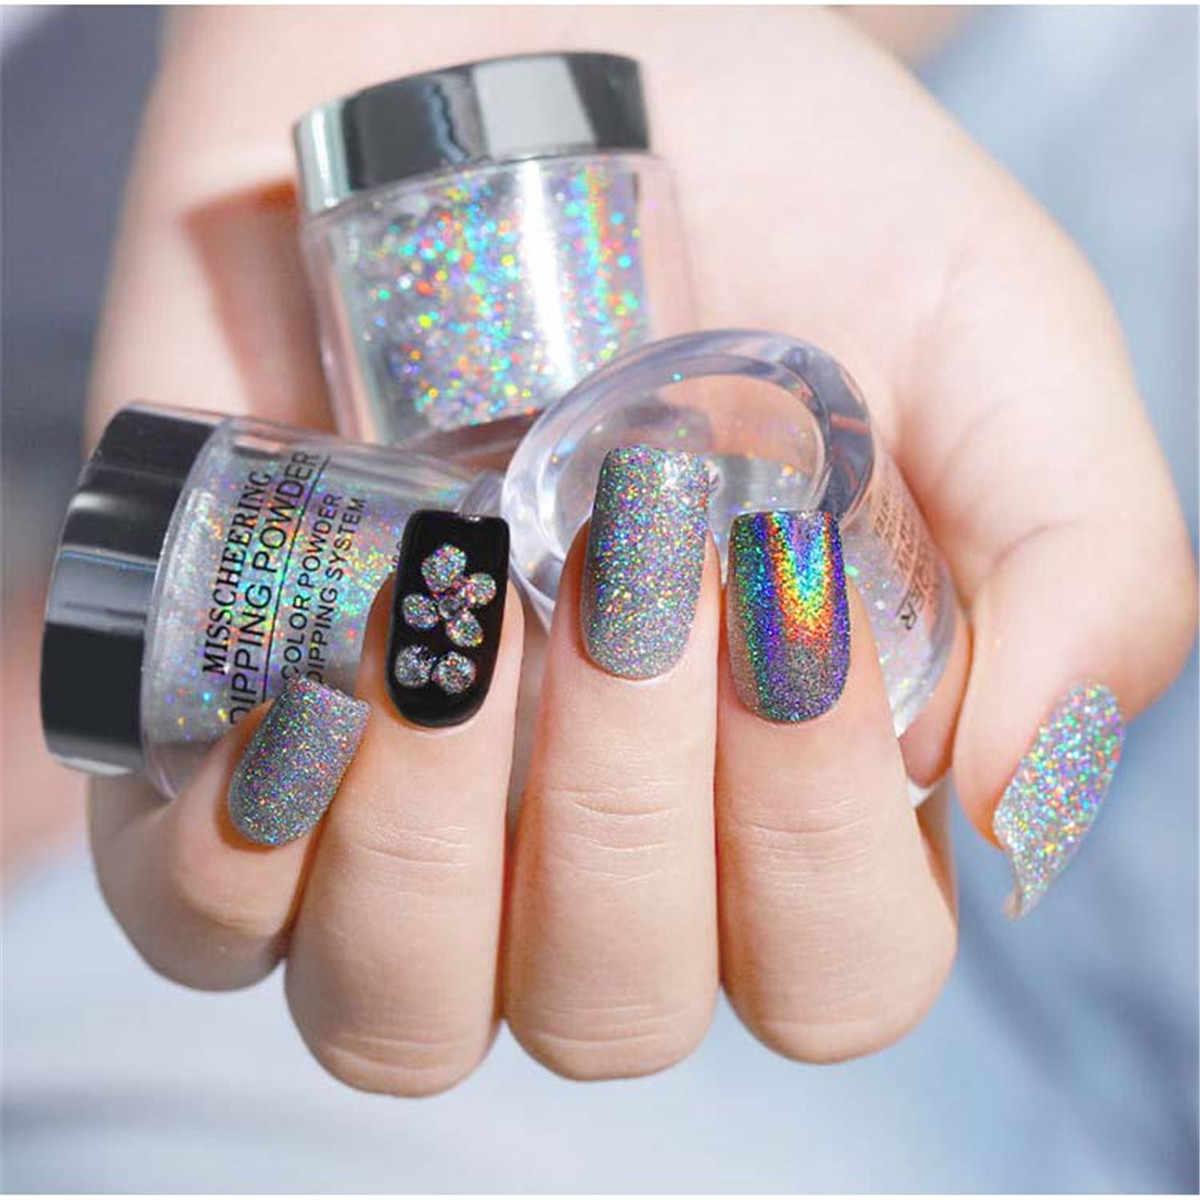 เลเซอร์ผงซักฟอก Holographic Salon โลหะเล็บ Pigment Unicorn กระจก Chrome เล็บผงเลเซอร์ฝุ่นสำหรับเล็บ